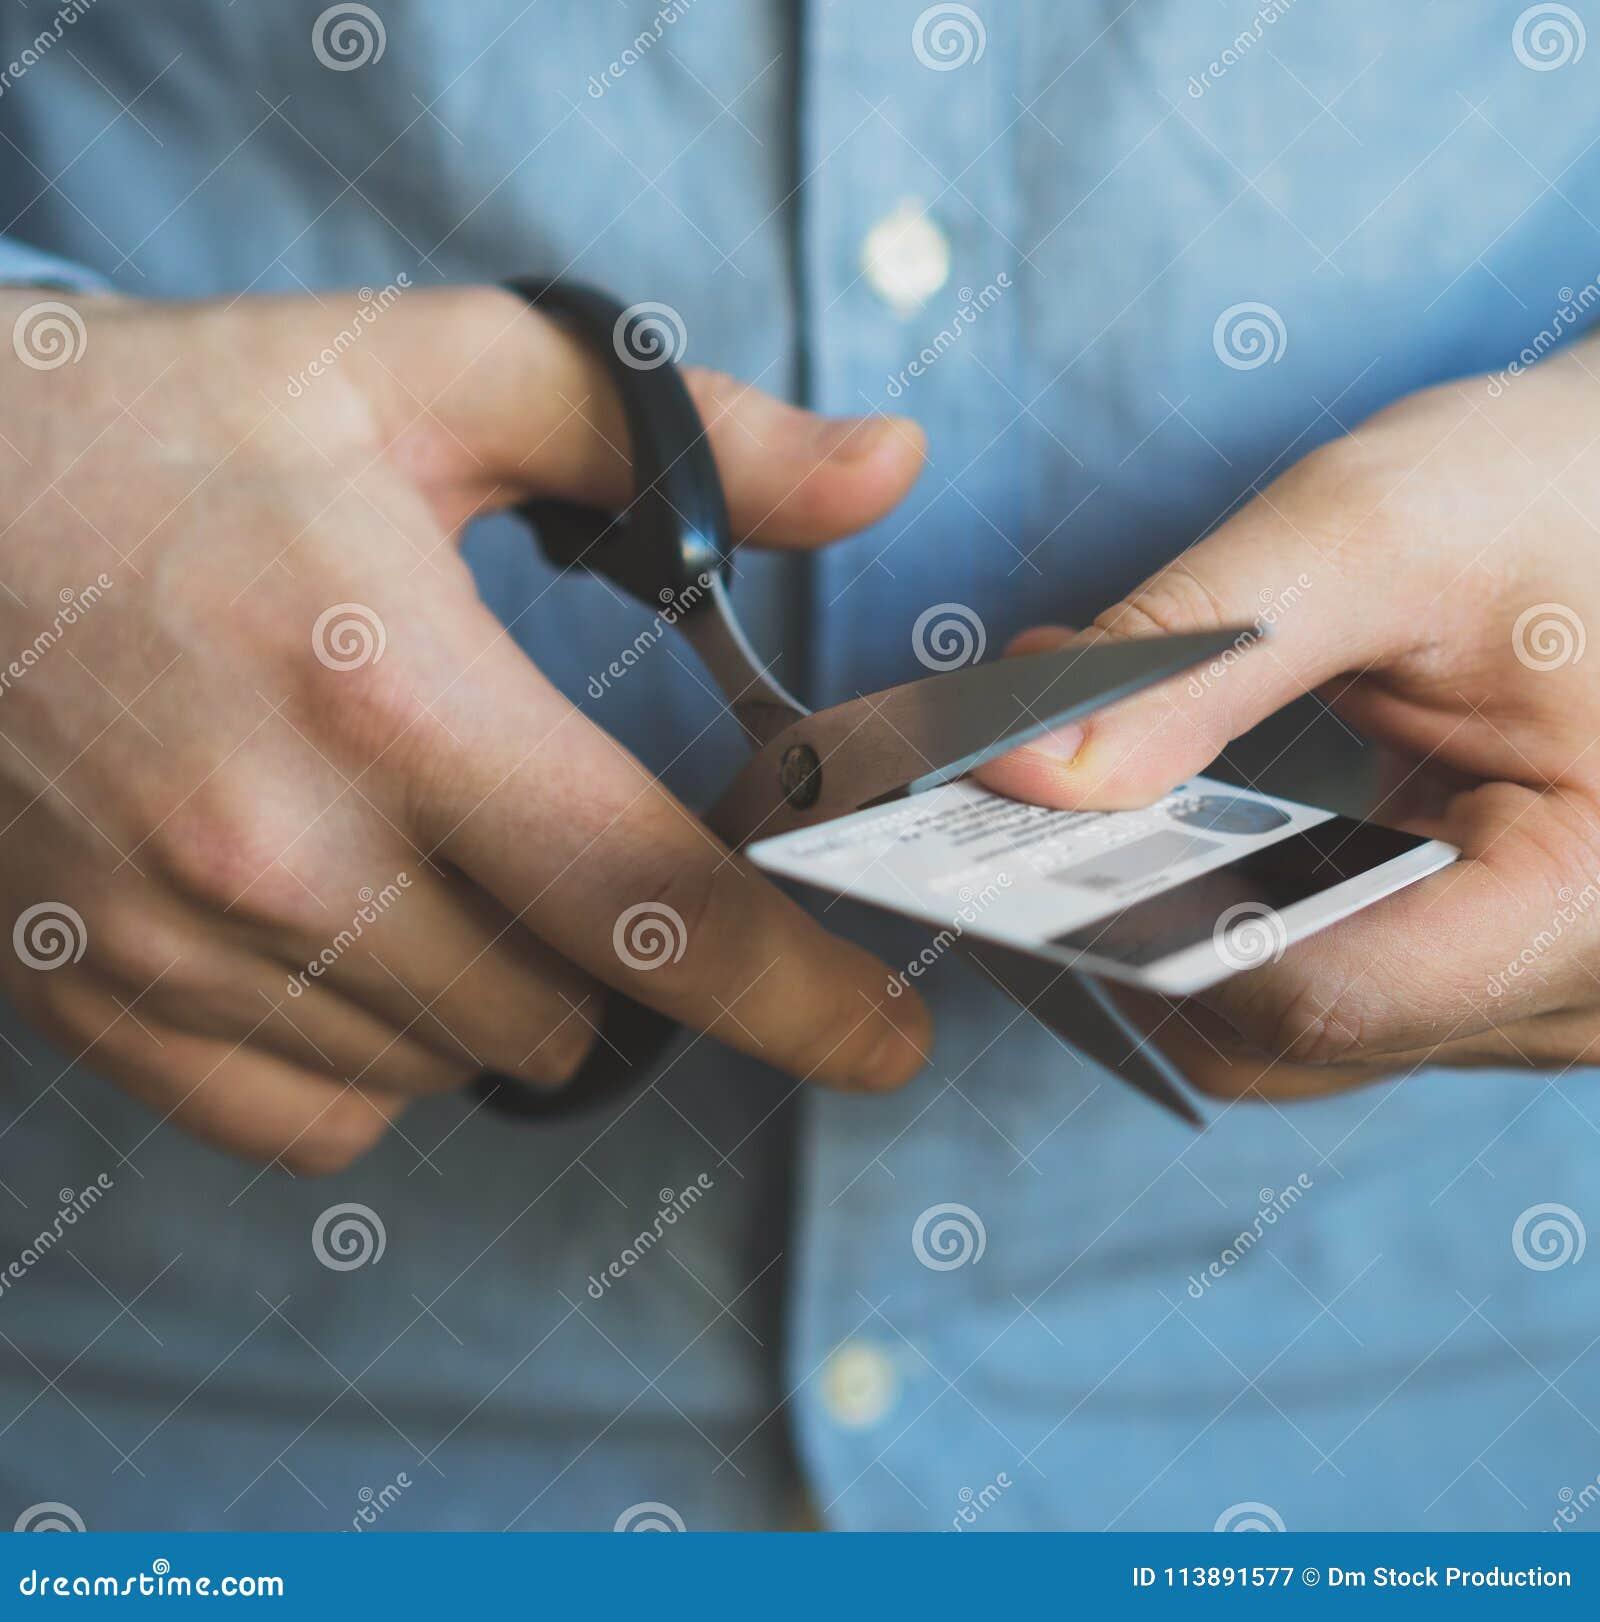 Mannausschnittkreditkarte